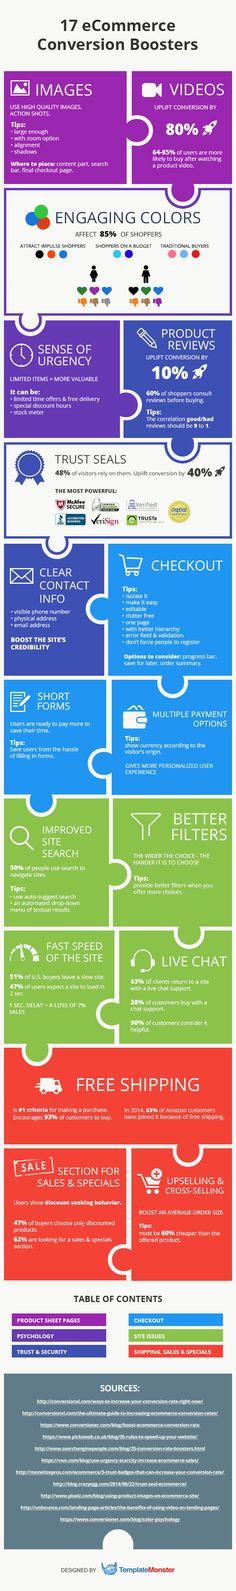 Conseil de la semaine : Augmentez vos conversions en améliorant certains points essentiels de votre site e-commerce | Ecommerce - Webmarketing - Le Blog Cible web